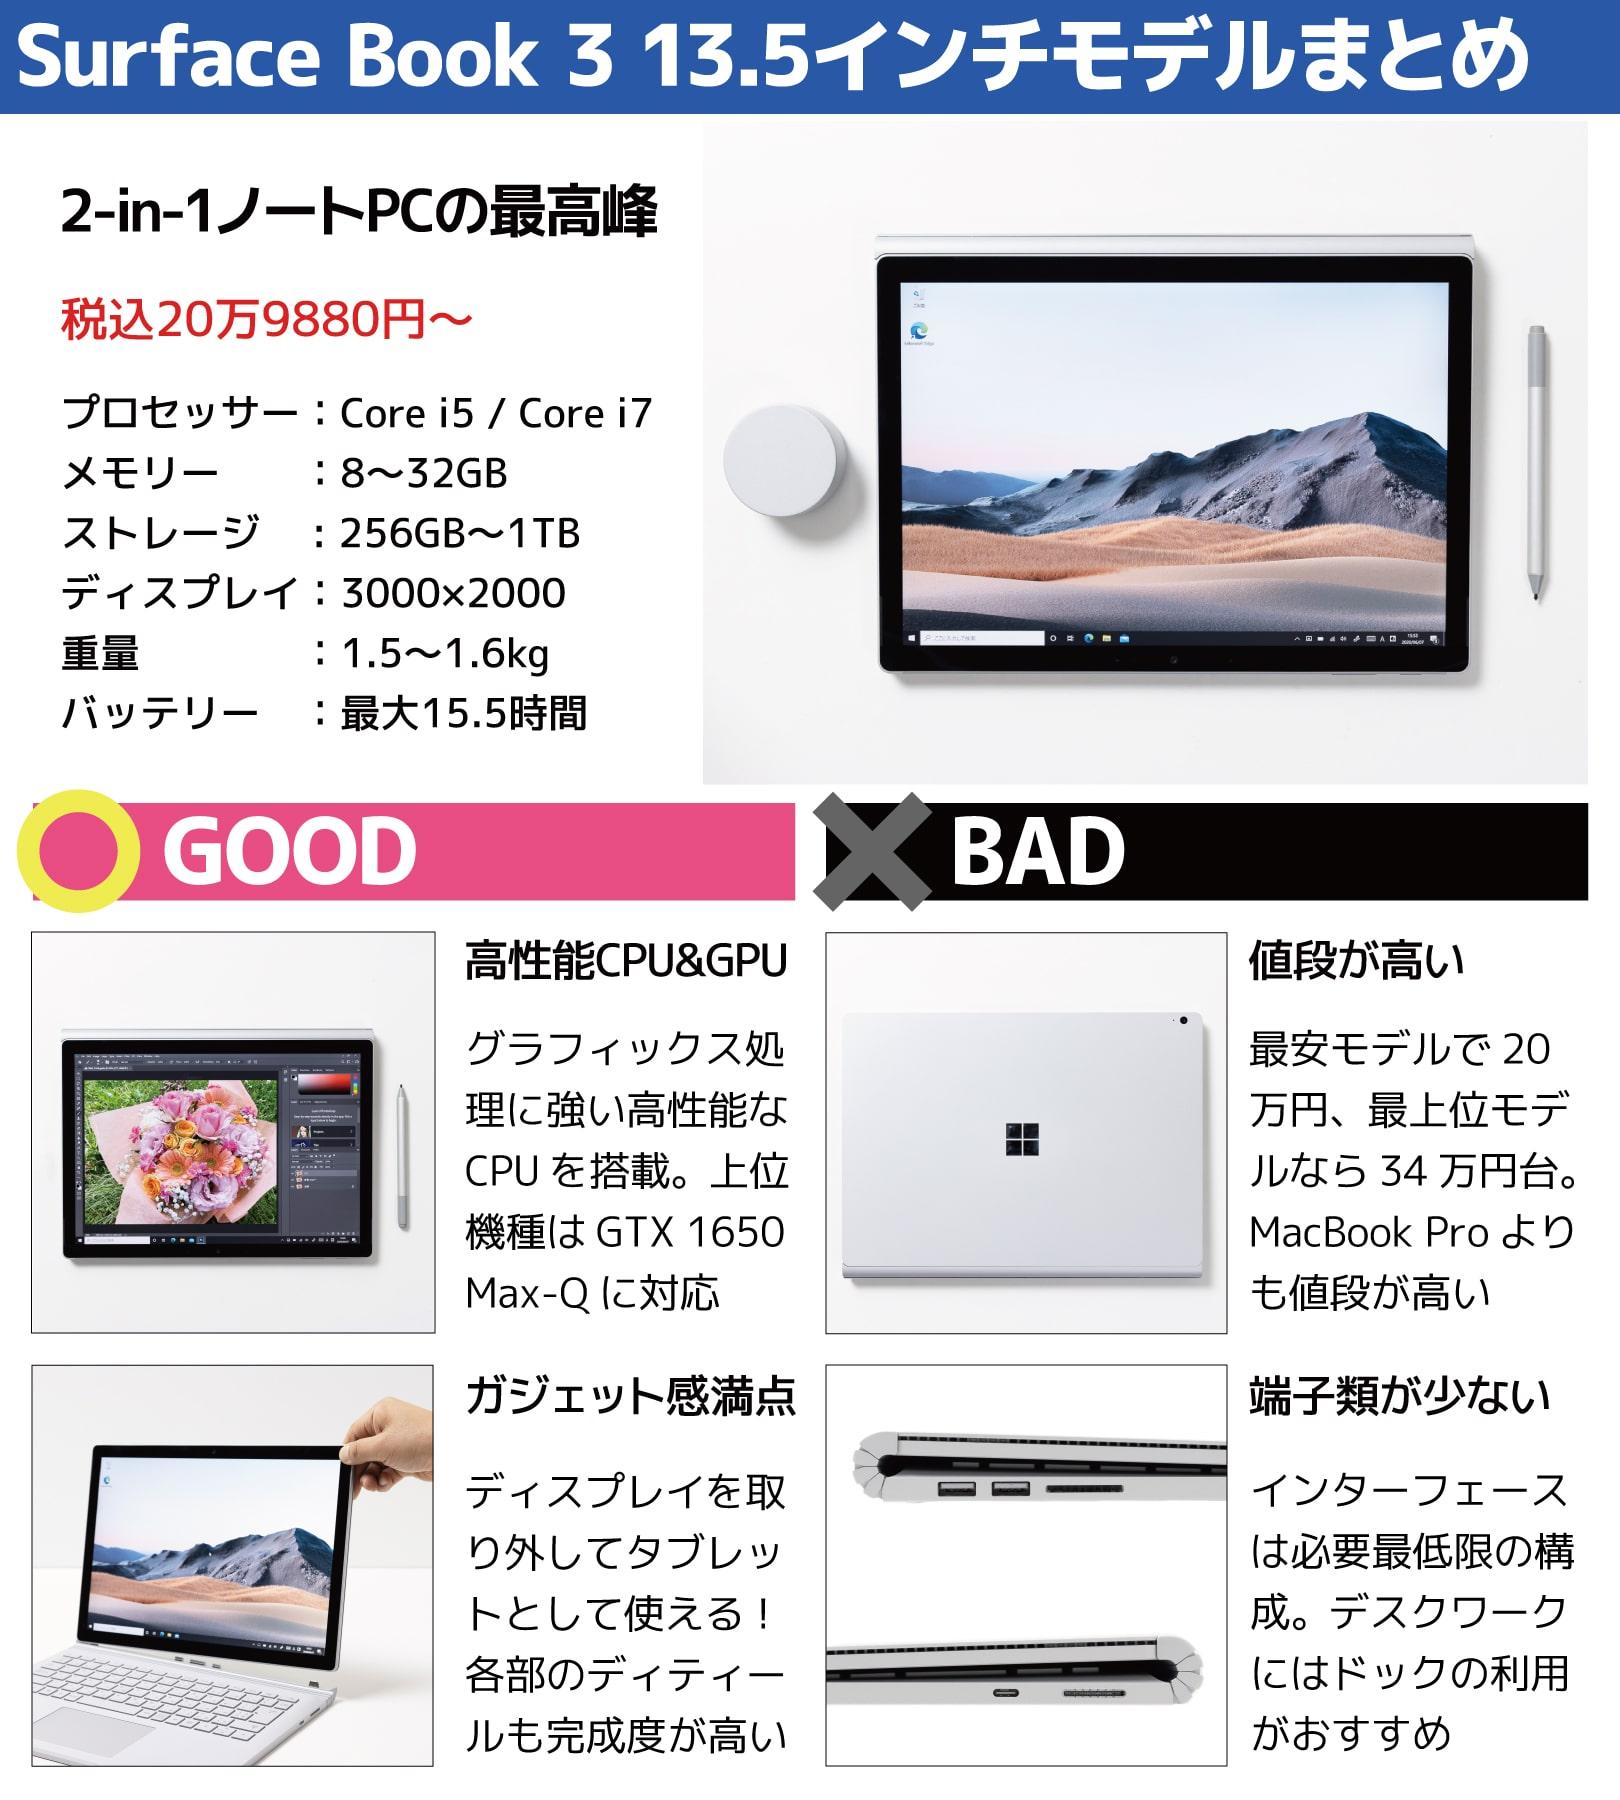 Surface Book 3 13.5インチモデル まとめ